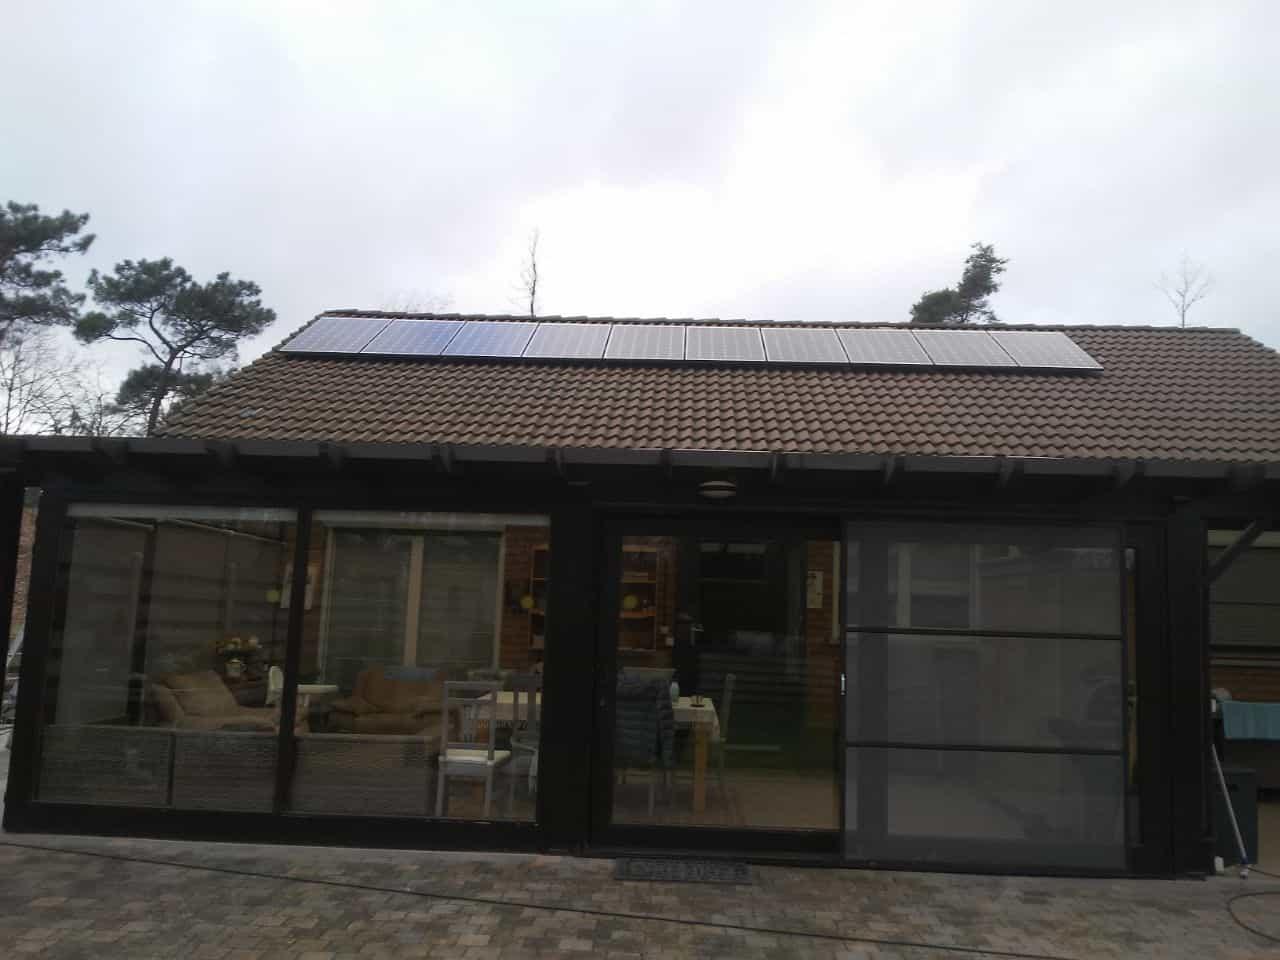 zonnepanelen op pannendak in Bouwel